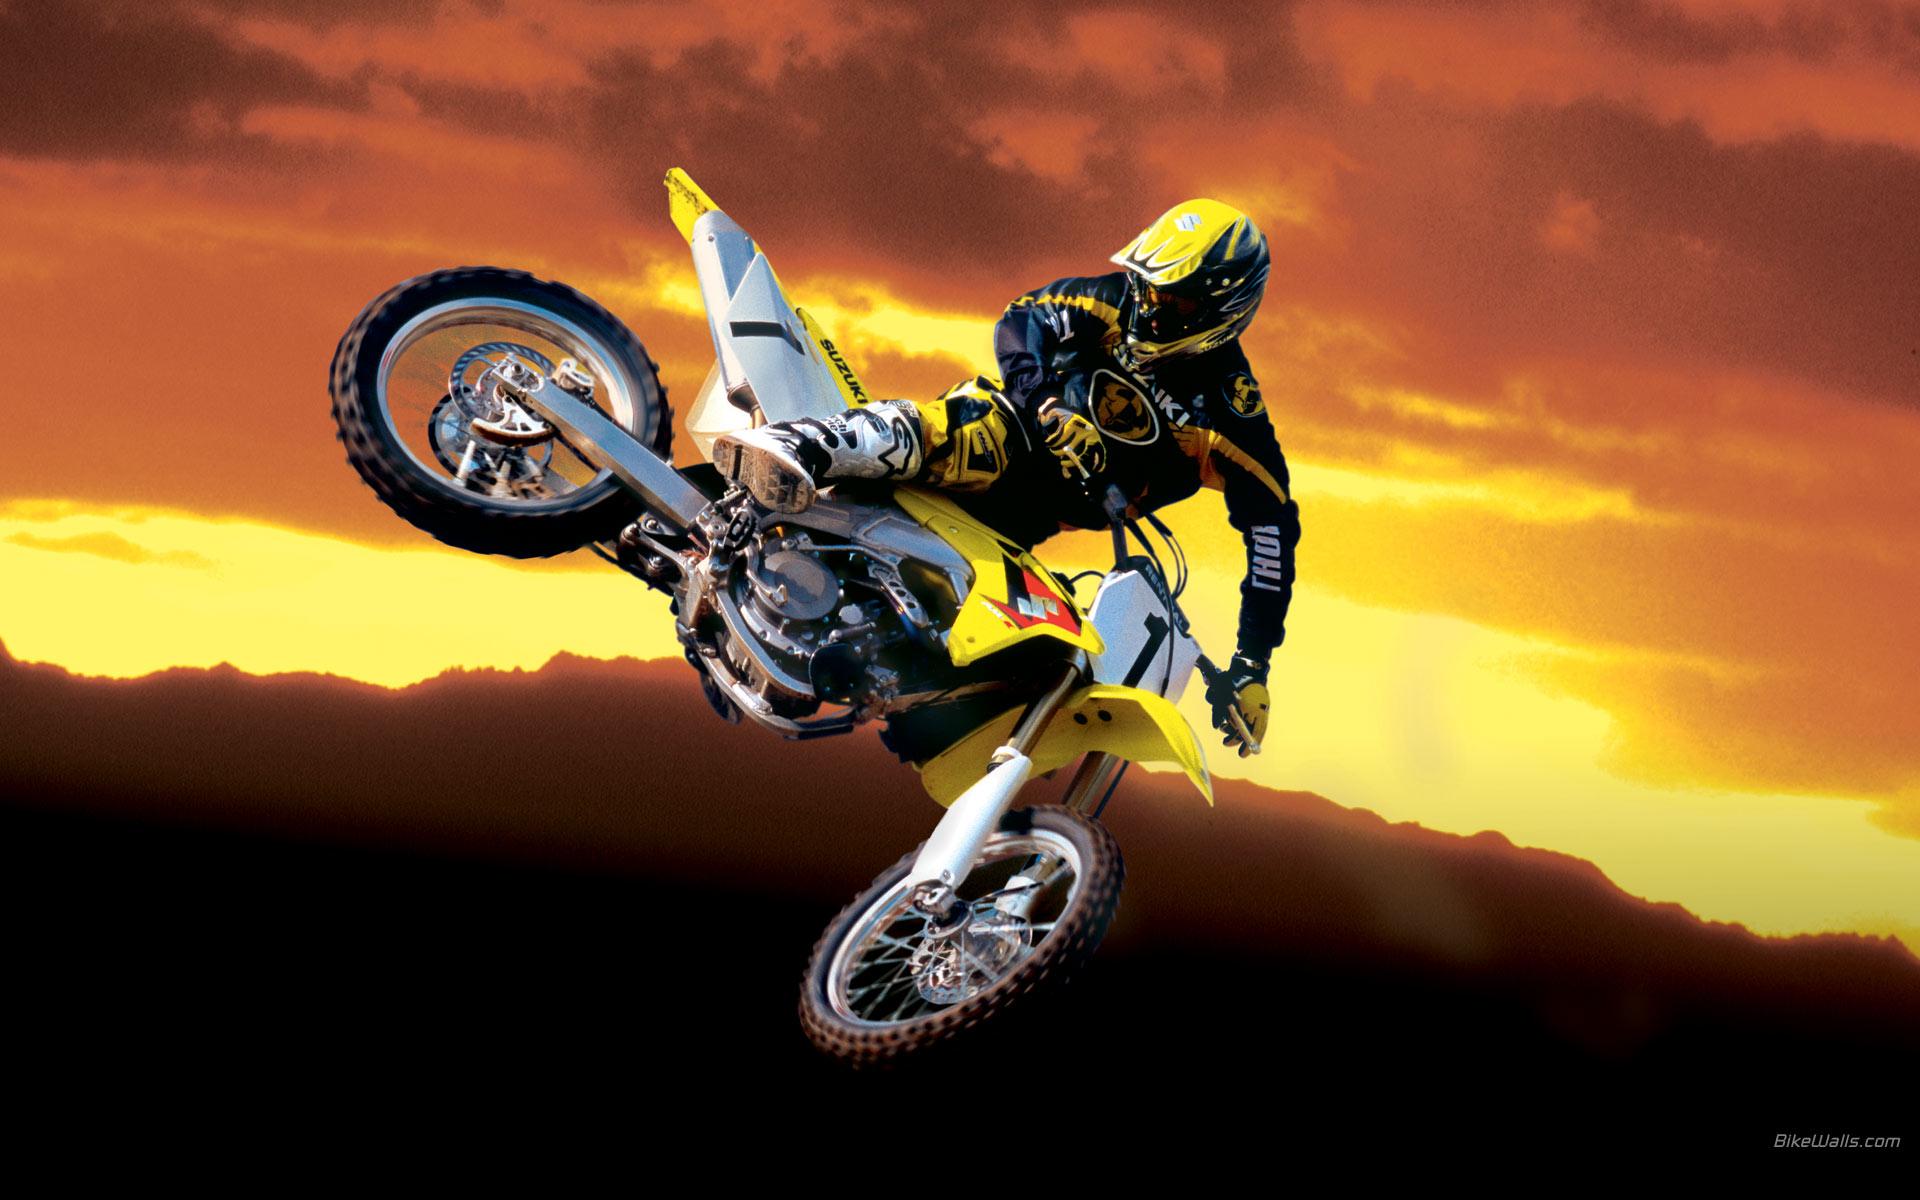 Saltos en motocross al atardecer - 1920x1200